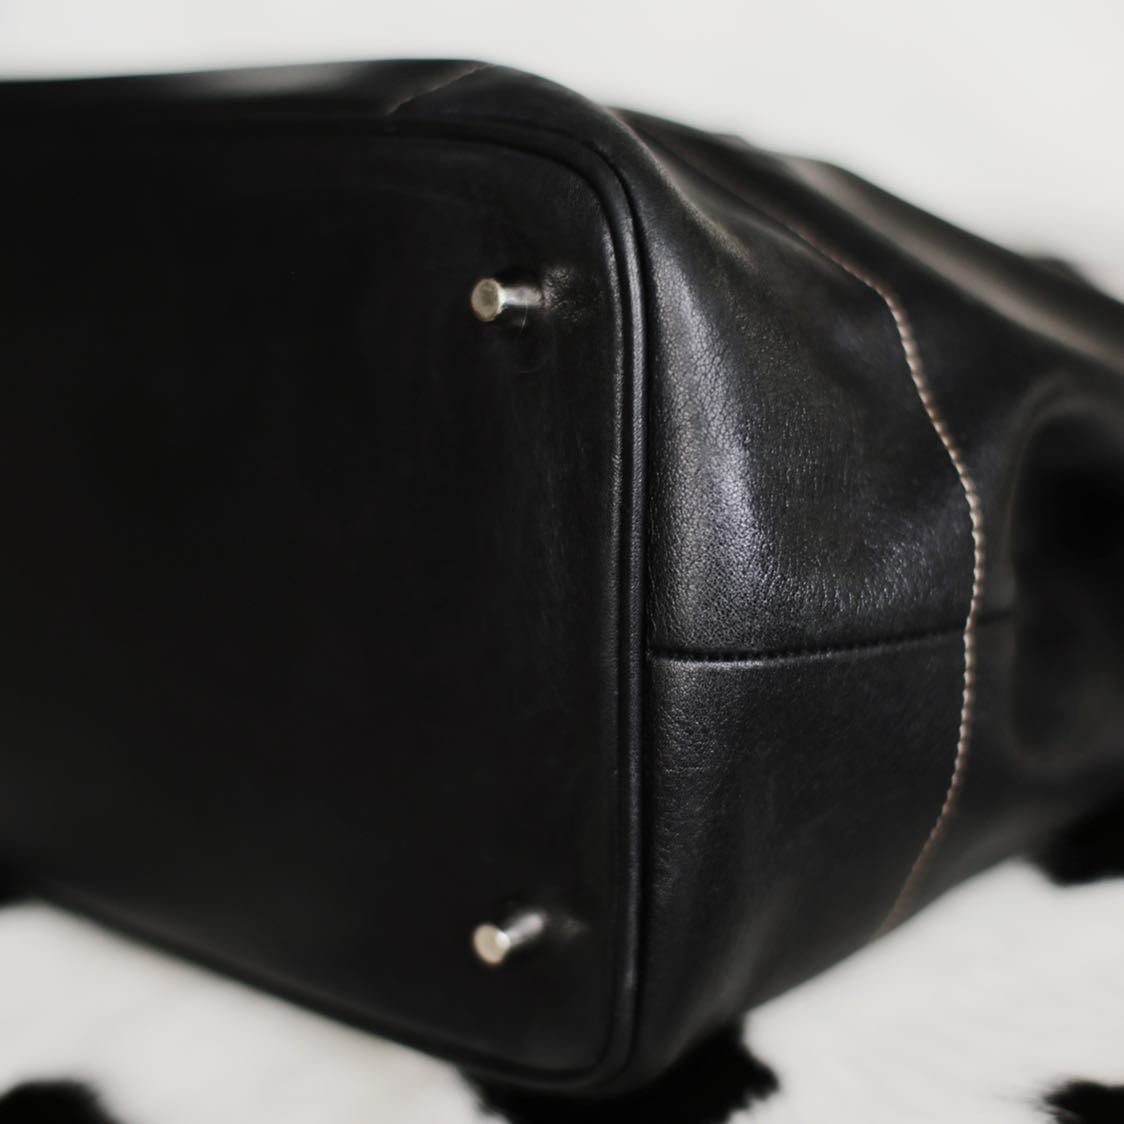 極美品 美品 コーチ COACH トートバッグ バッグ ビジネスバッグ 黒 ブラック レザー メンズバッグ 牛革 17万 オールドコーチ ヴィンテージ_画像6